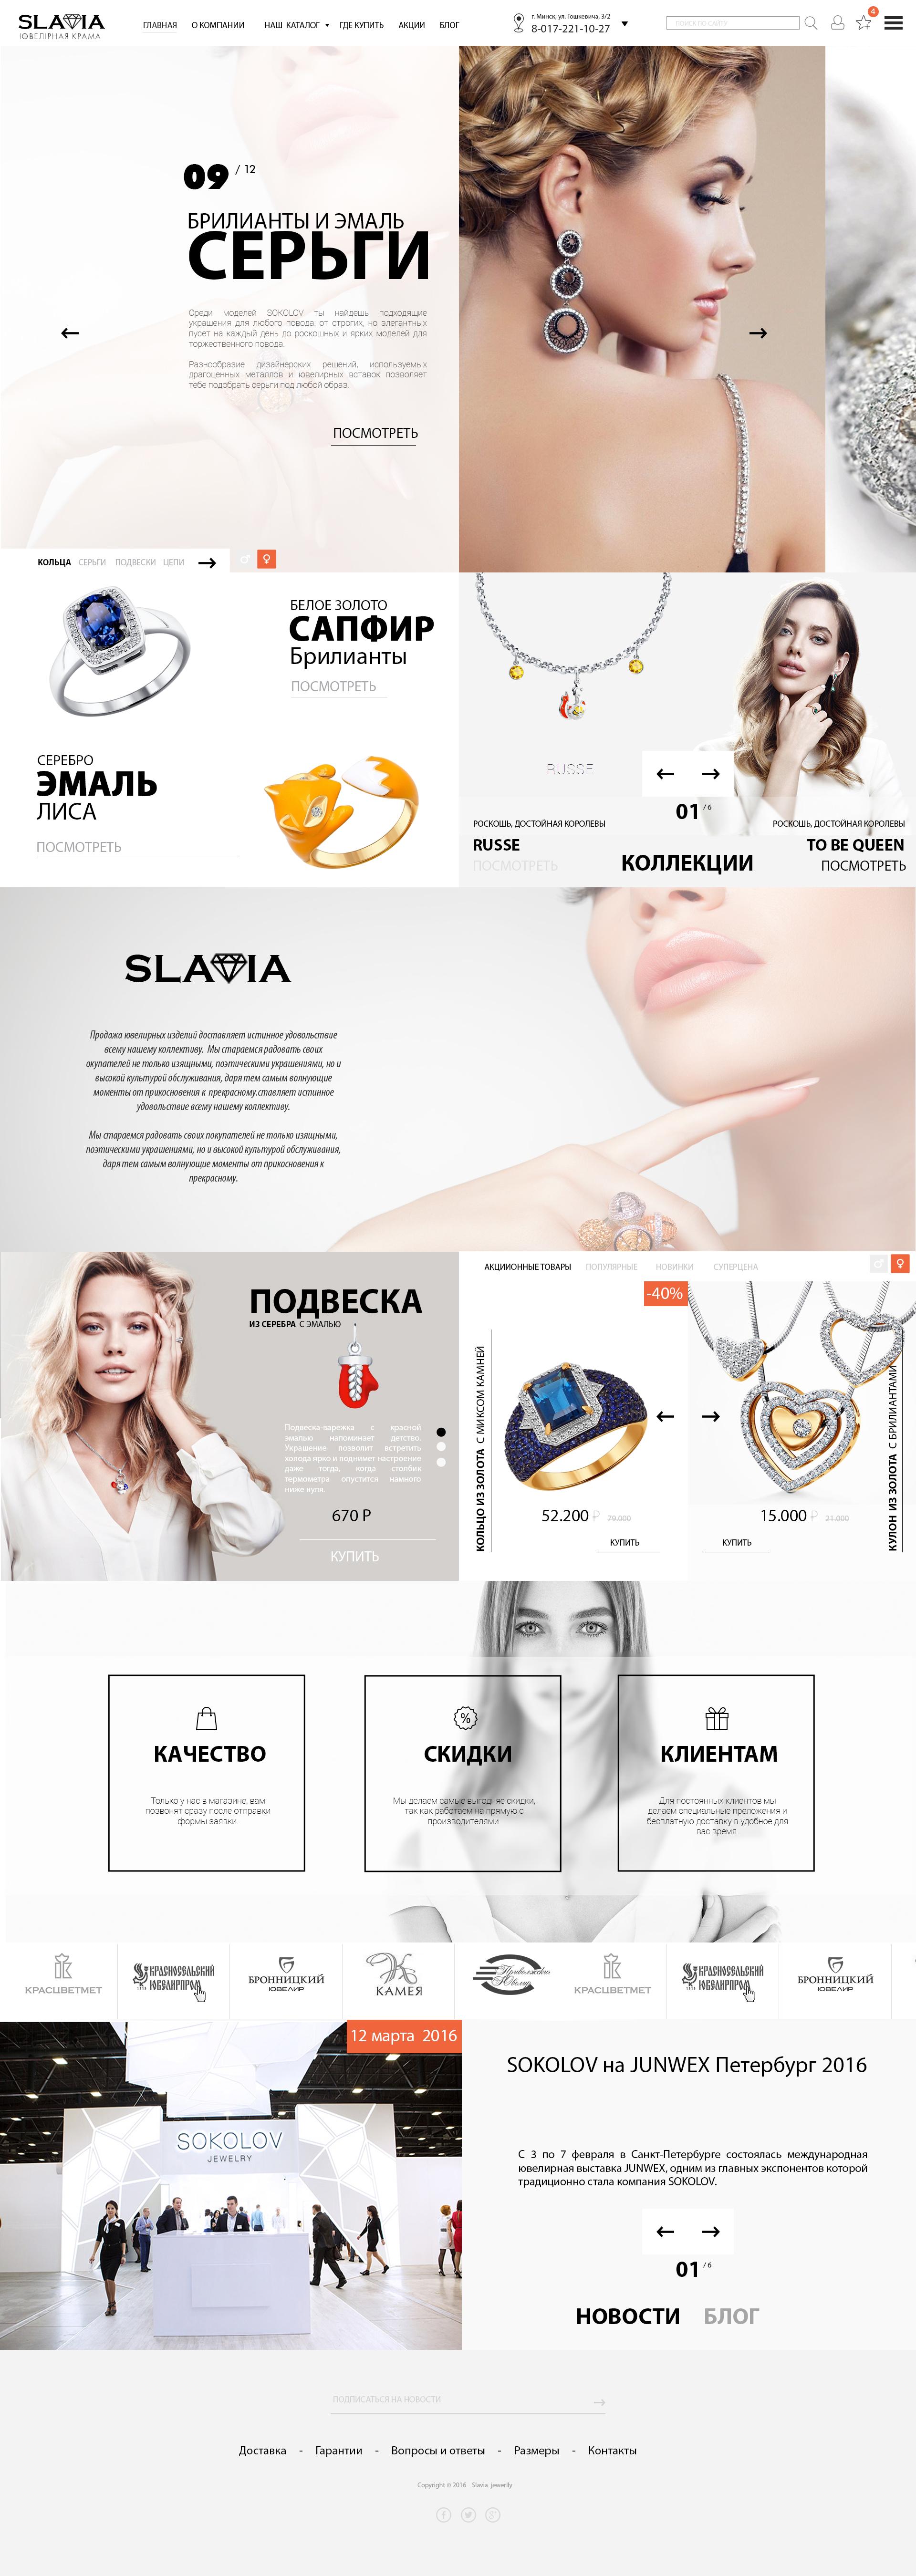 Дизайн ювилирного сайта